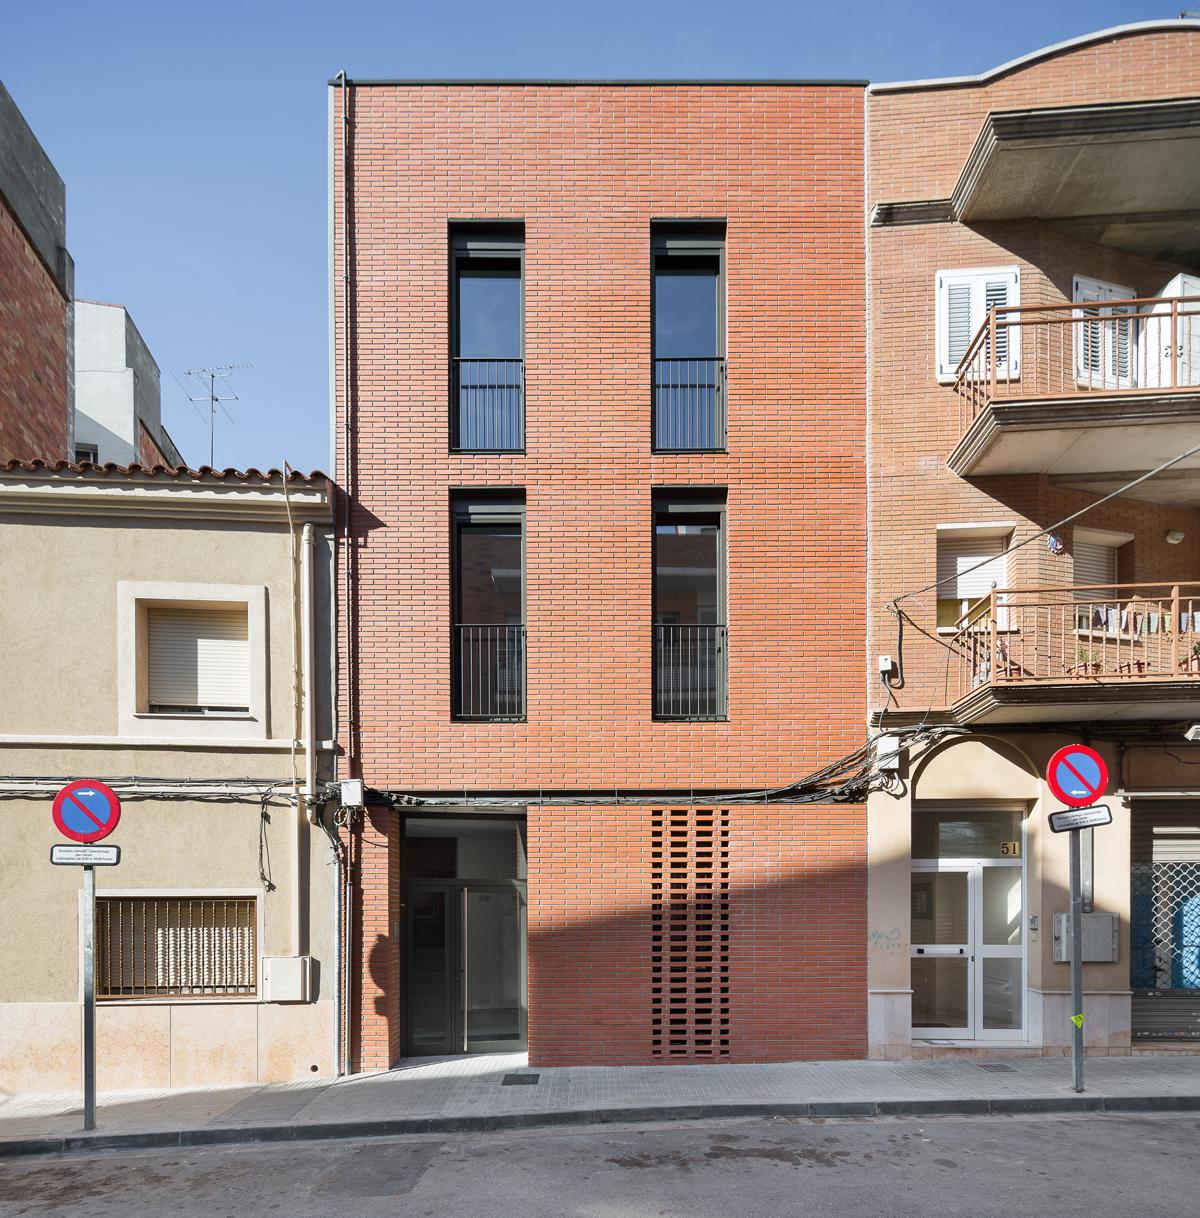 Façana principal, carrer Josep Masgrau, 3 habitatges a Cornellà de Llobregat